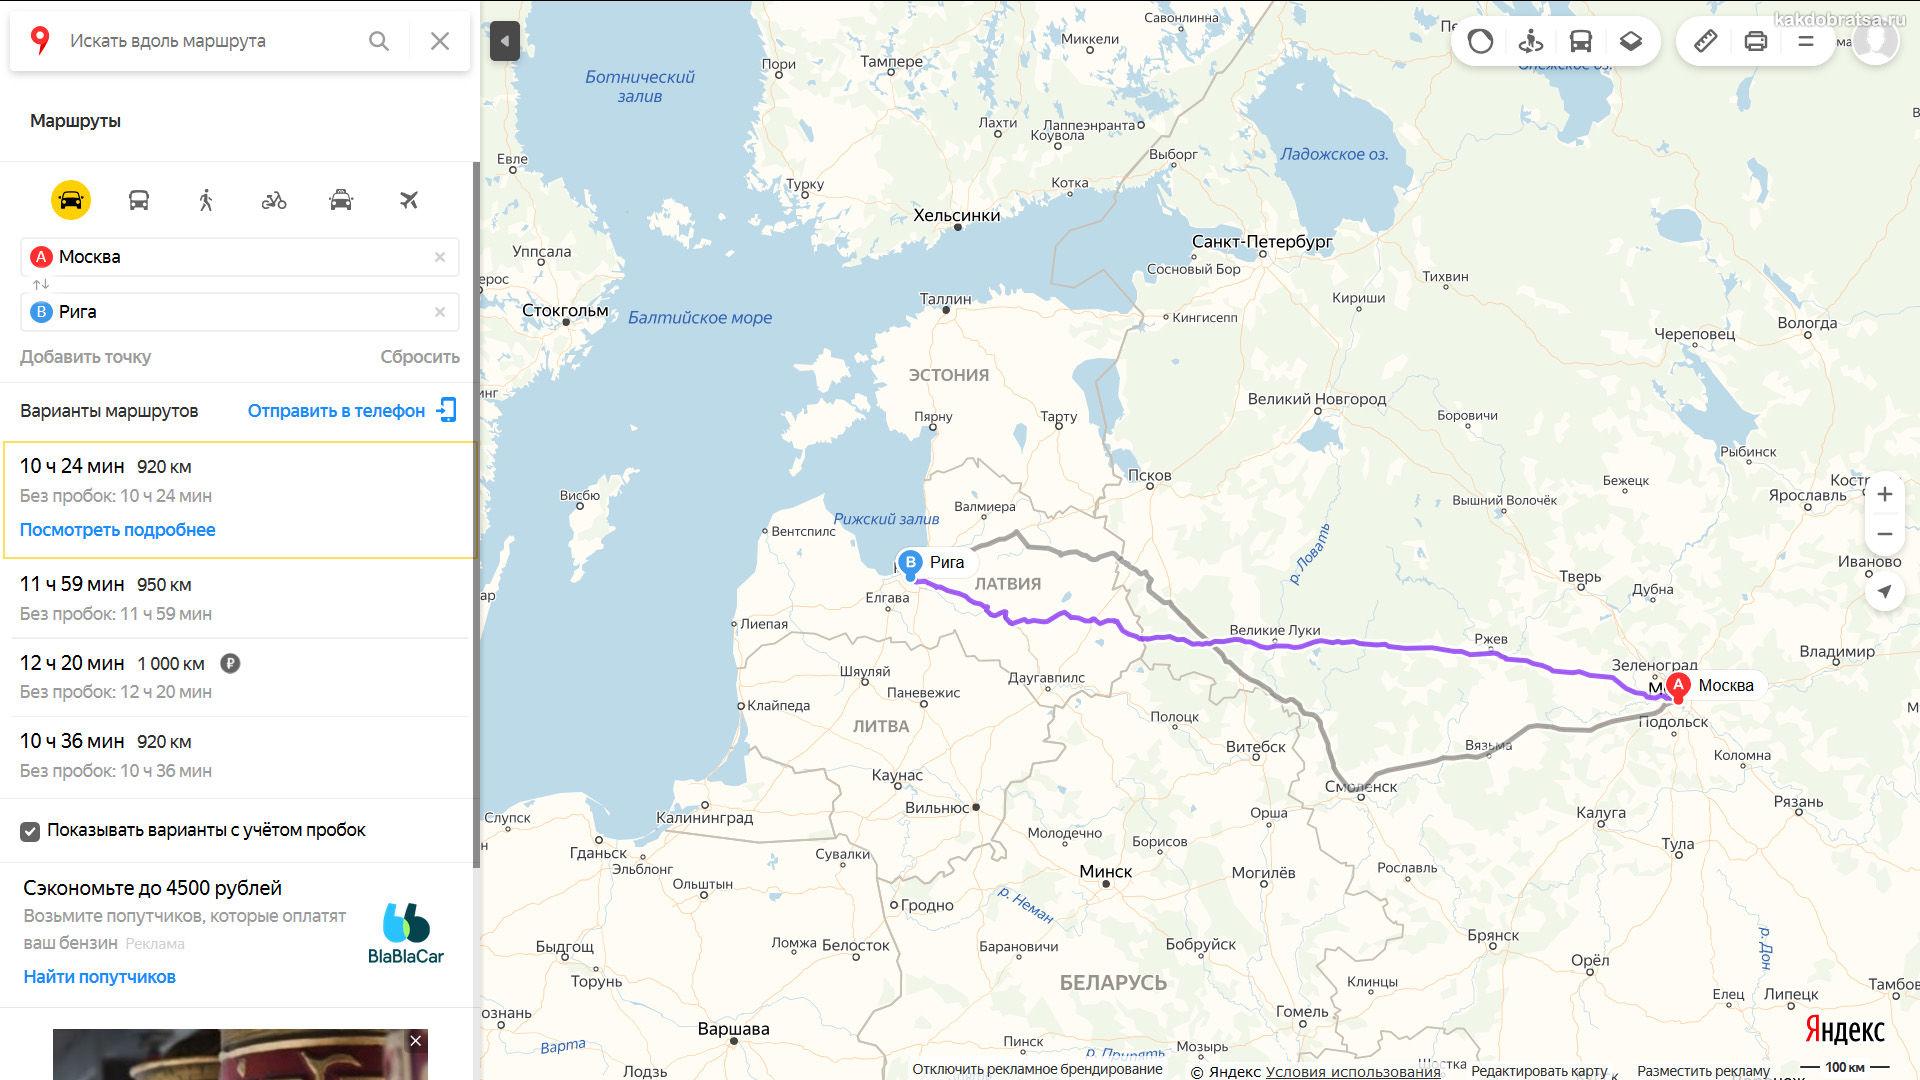 Как добраться до Риги из Москвы время в пути и расстояние